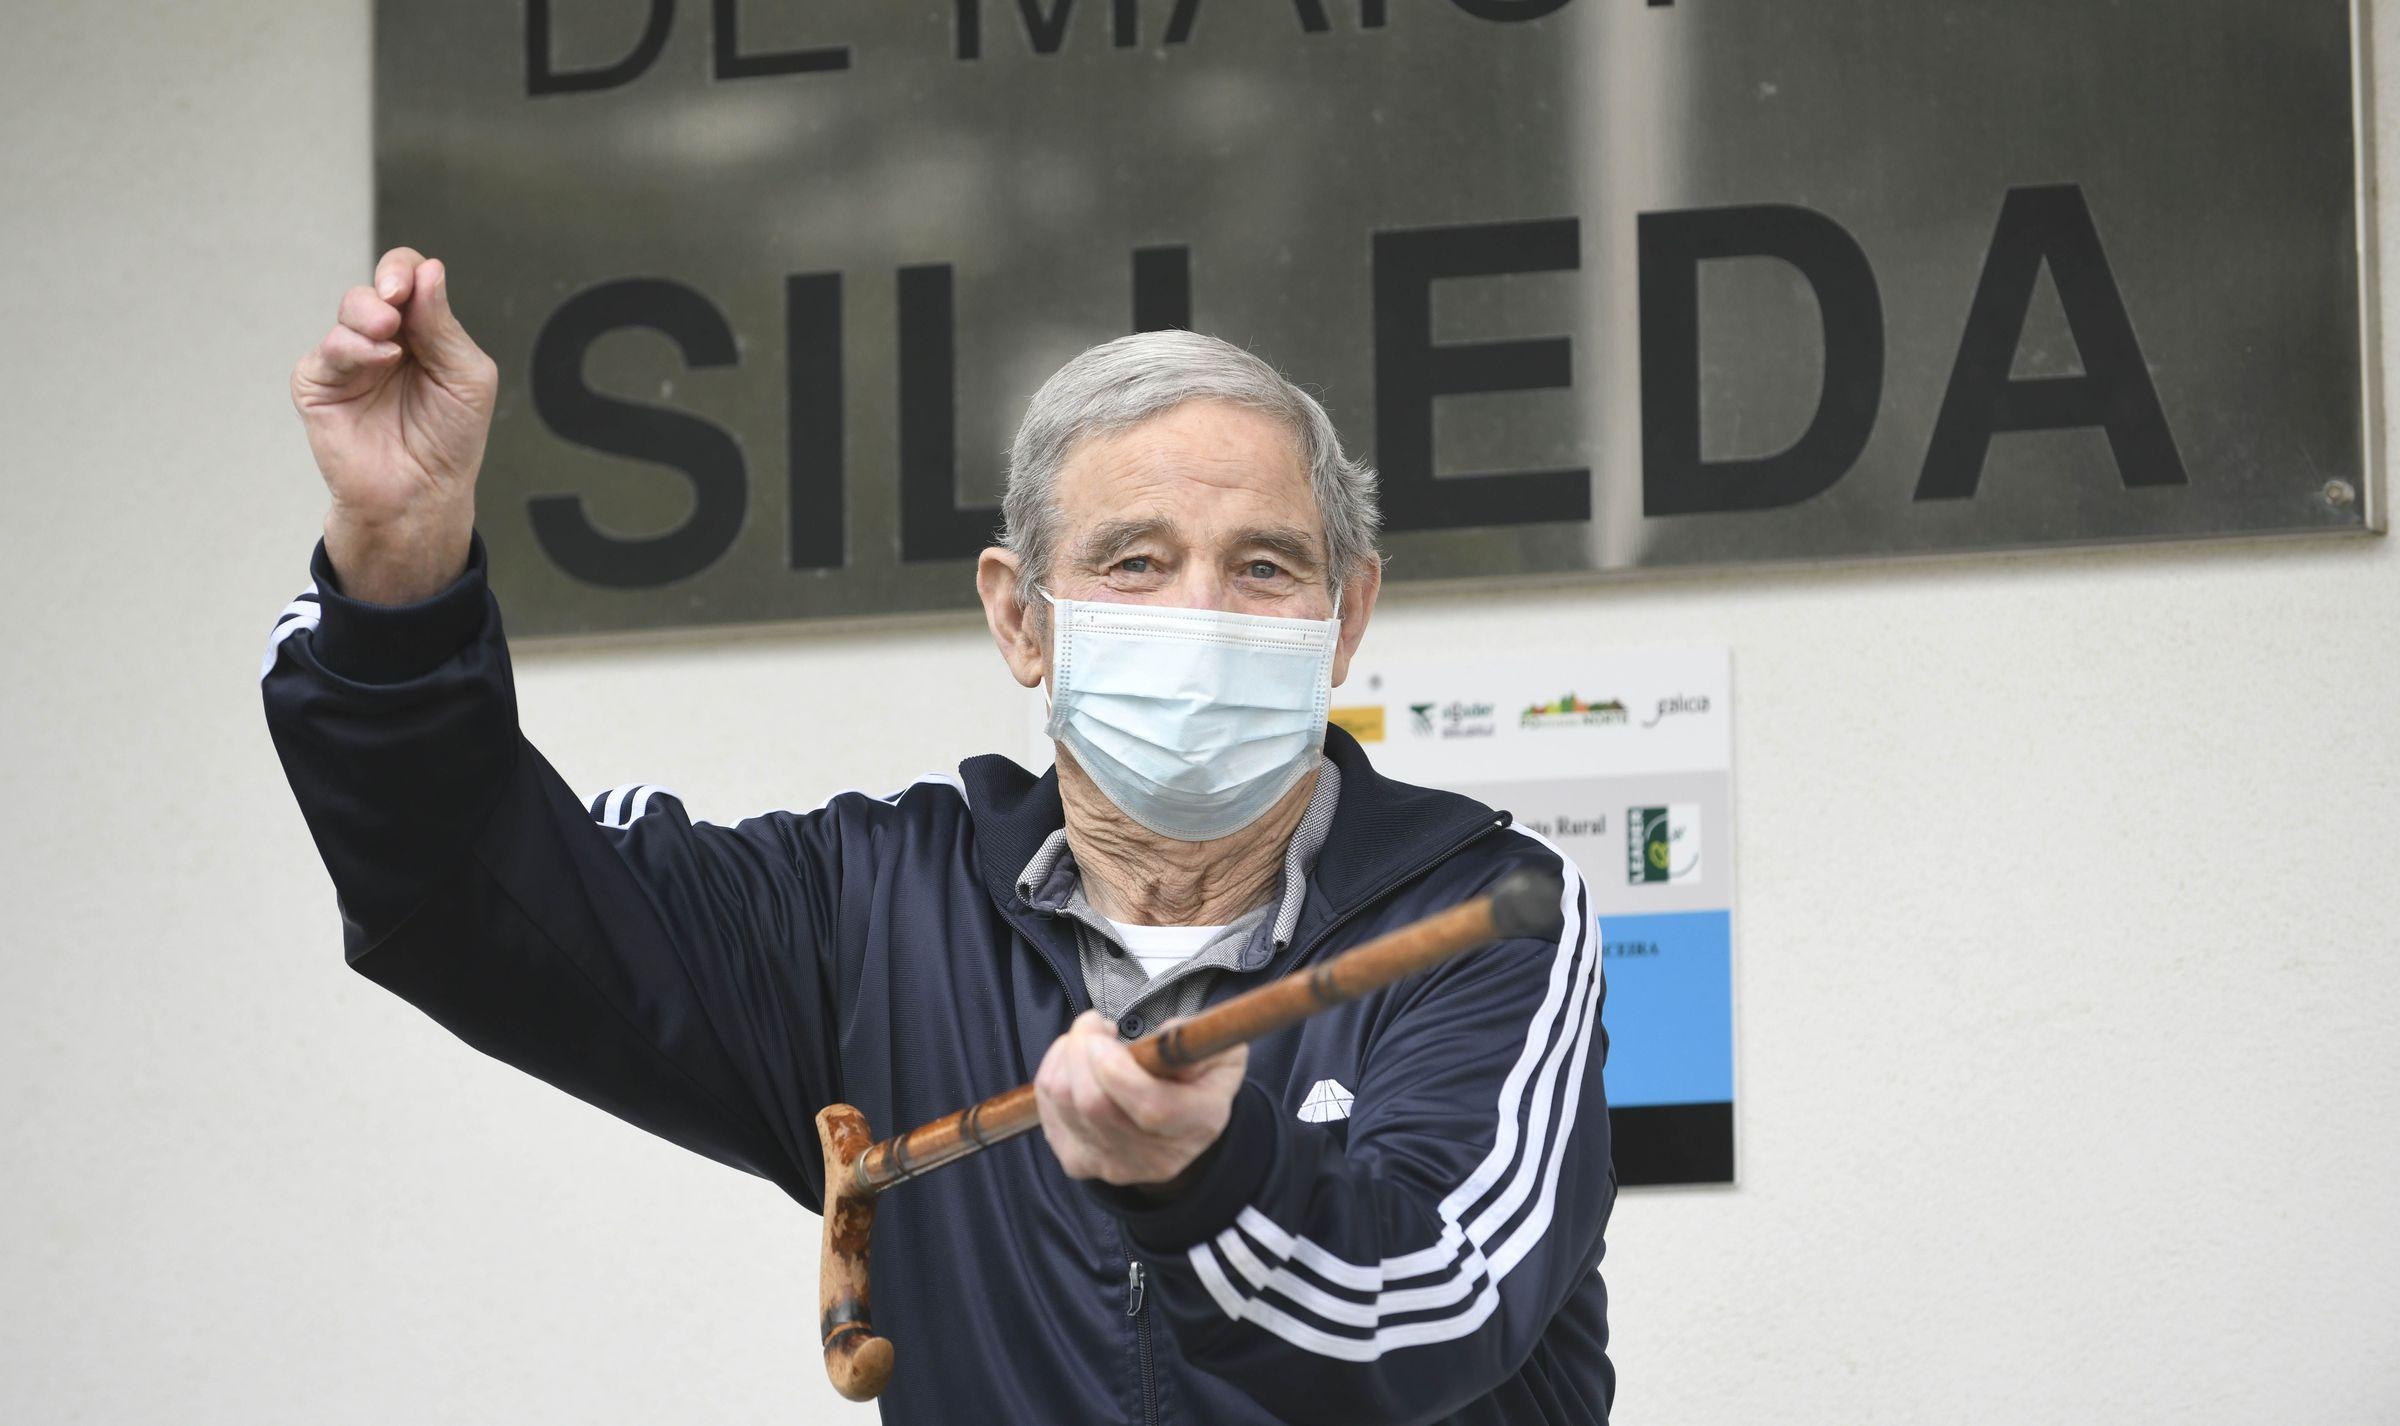 Santiago Riveiro, de 82 años, uno de los residentes vacunados que se infectó de covid en Silleda y pasó la enfermedad asintomático